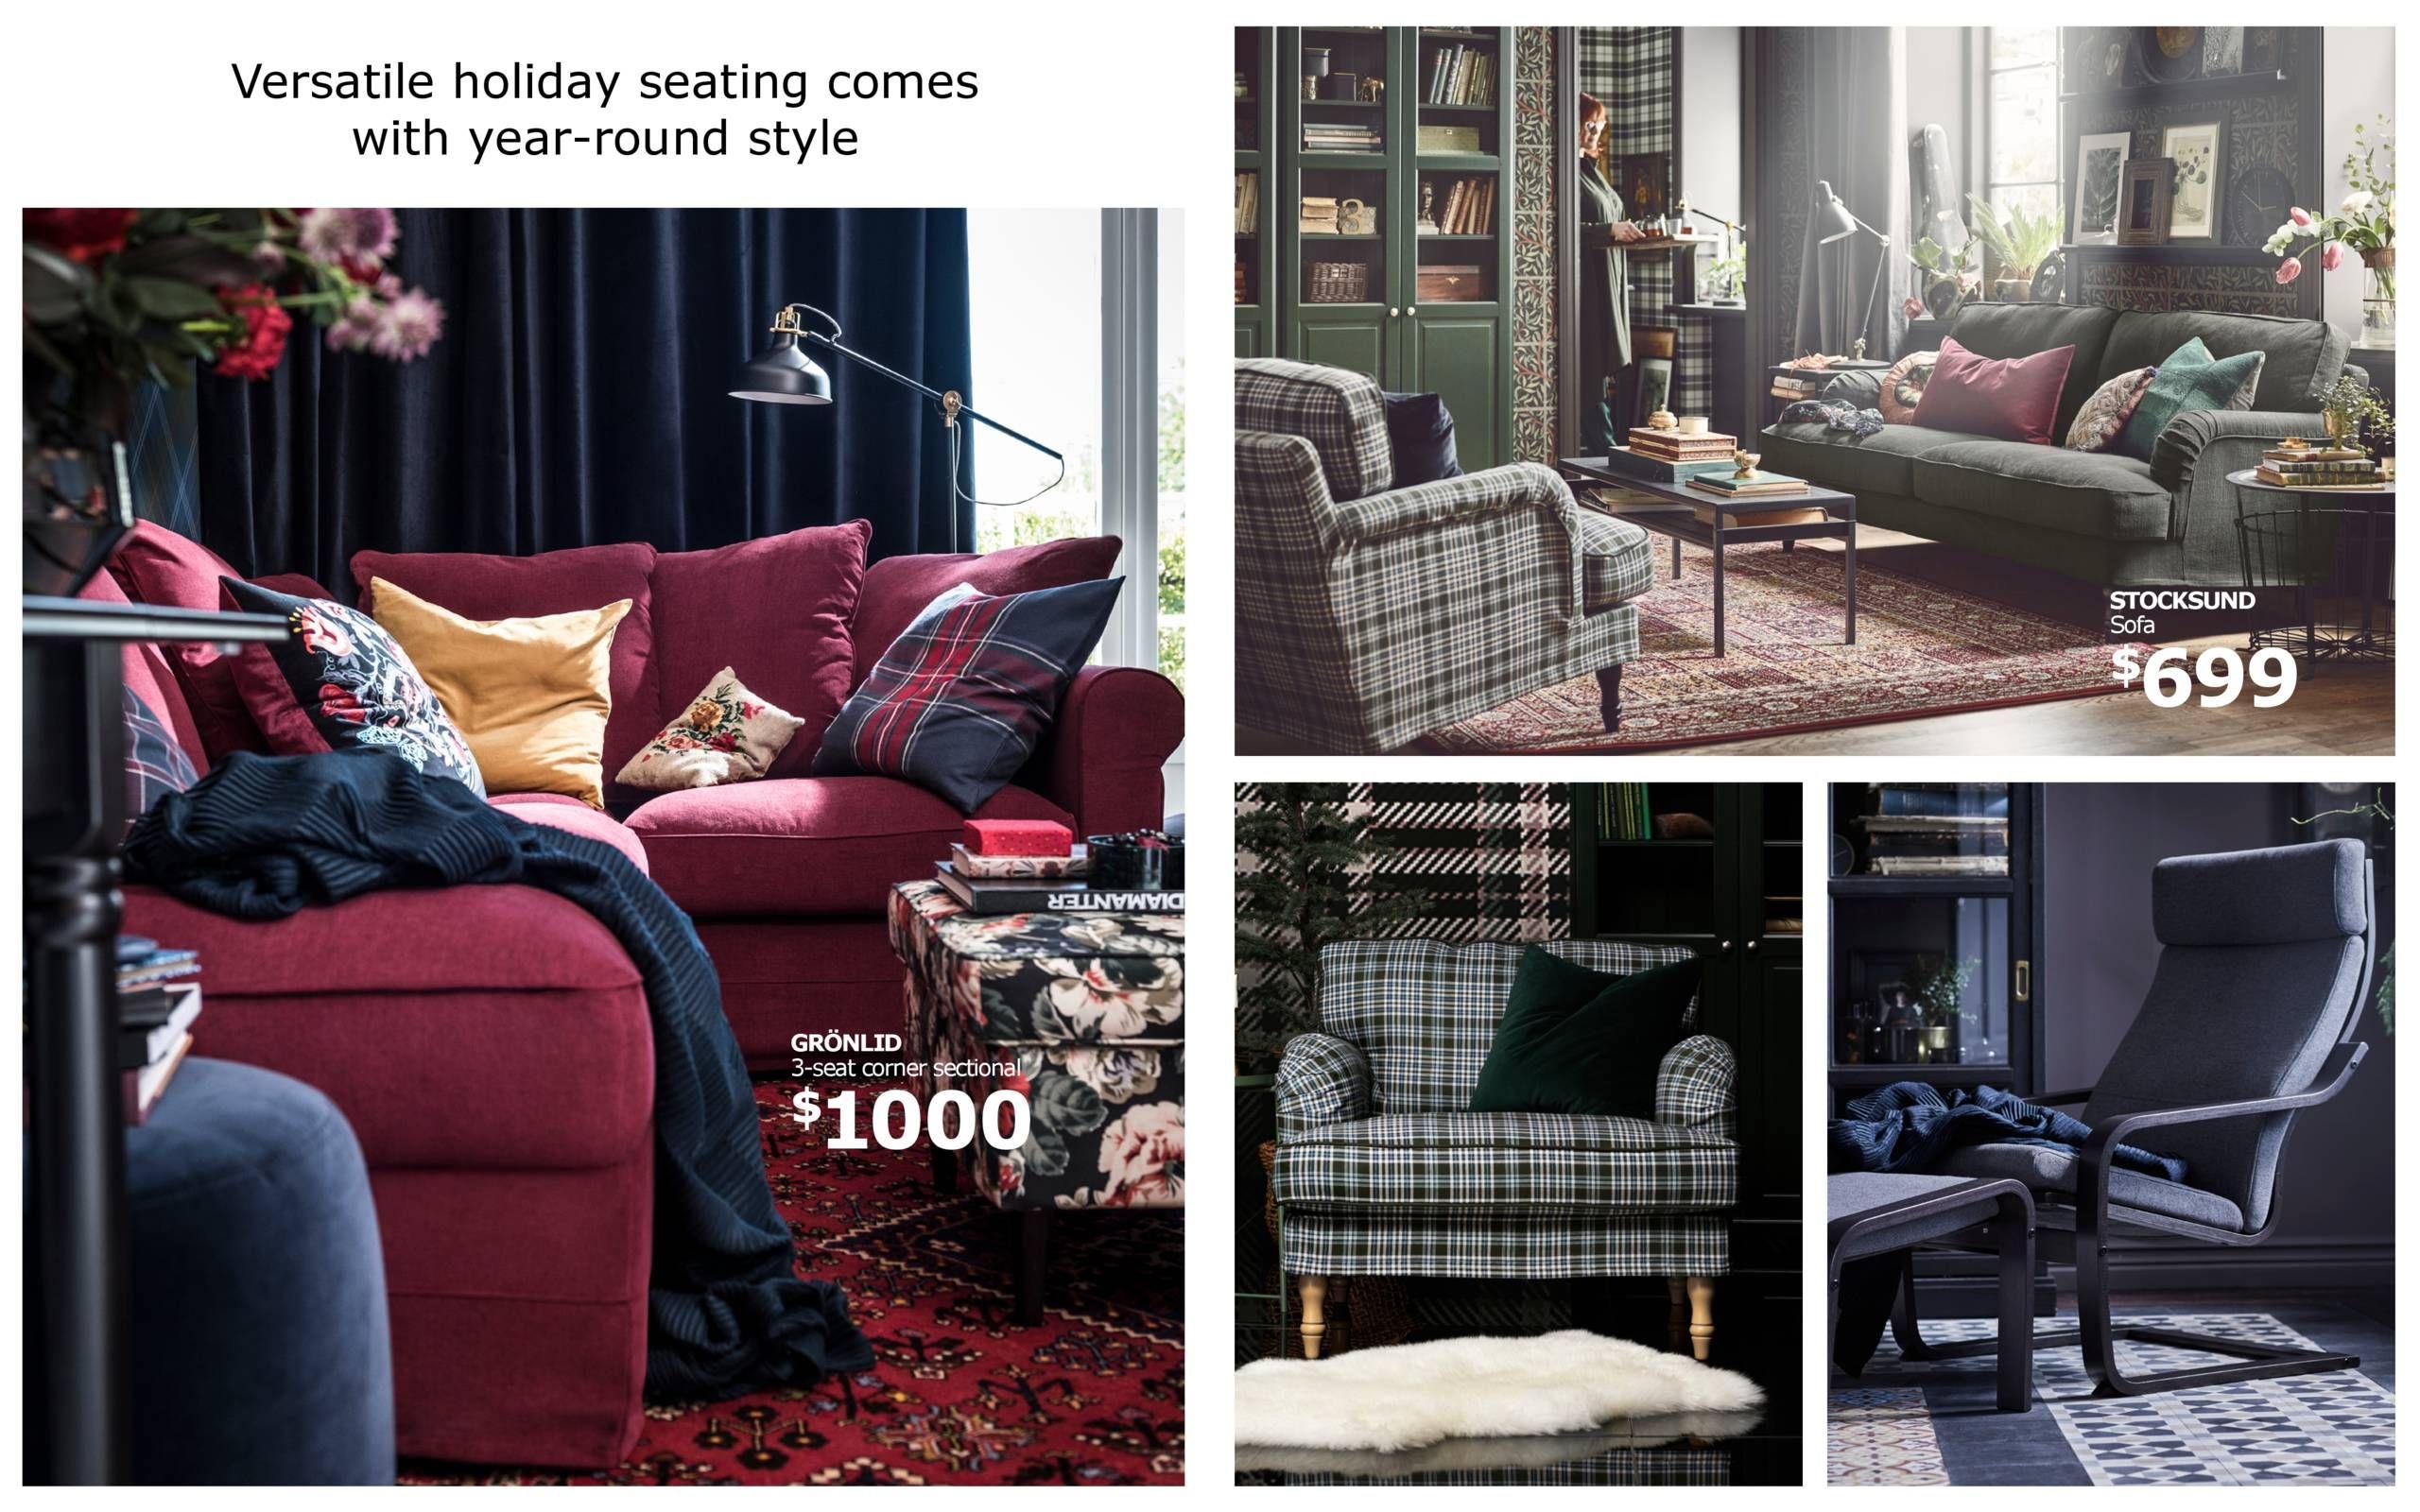 Holiday Essentials Guide   Home decor, Cozy room, Ikea home